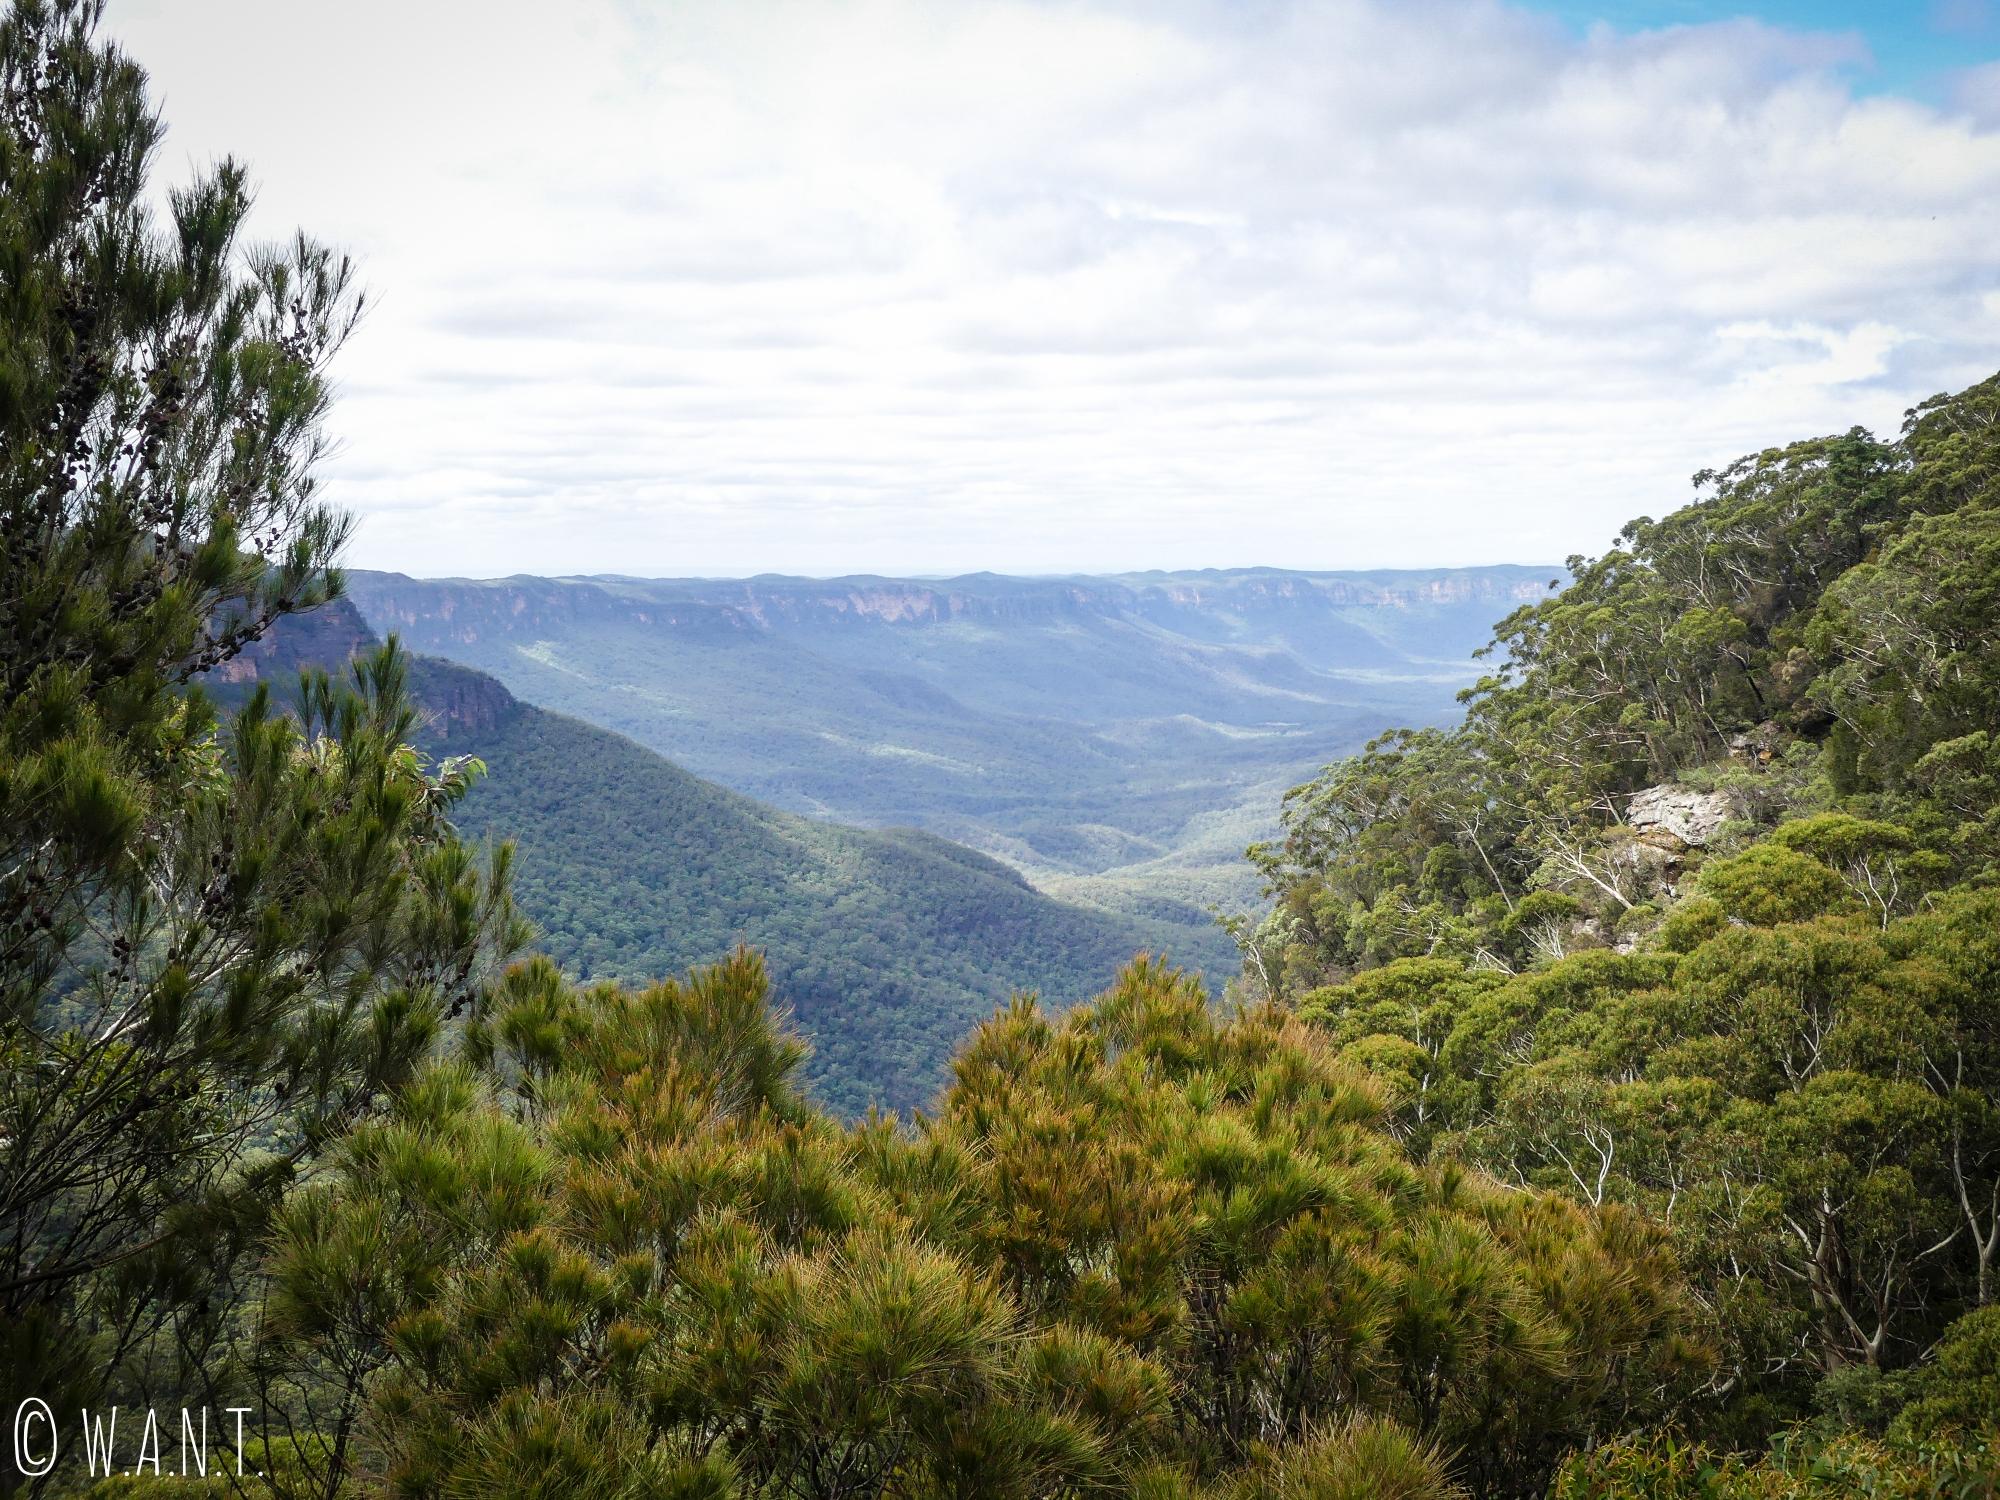 Dégradé de verts des forêts d'eucalyptus dans le parc national des Blue Moutains